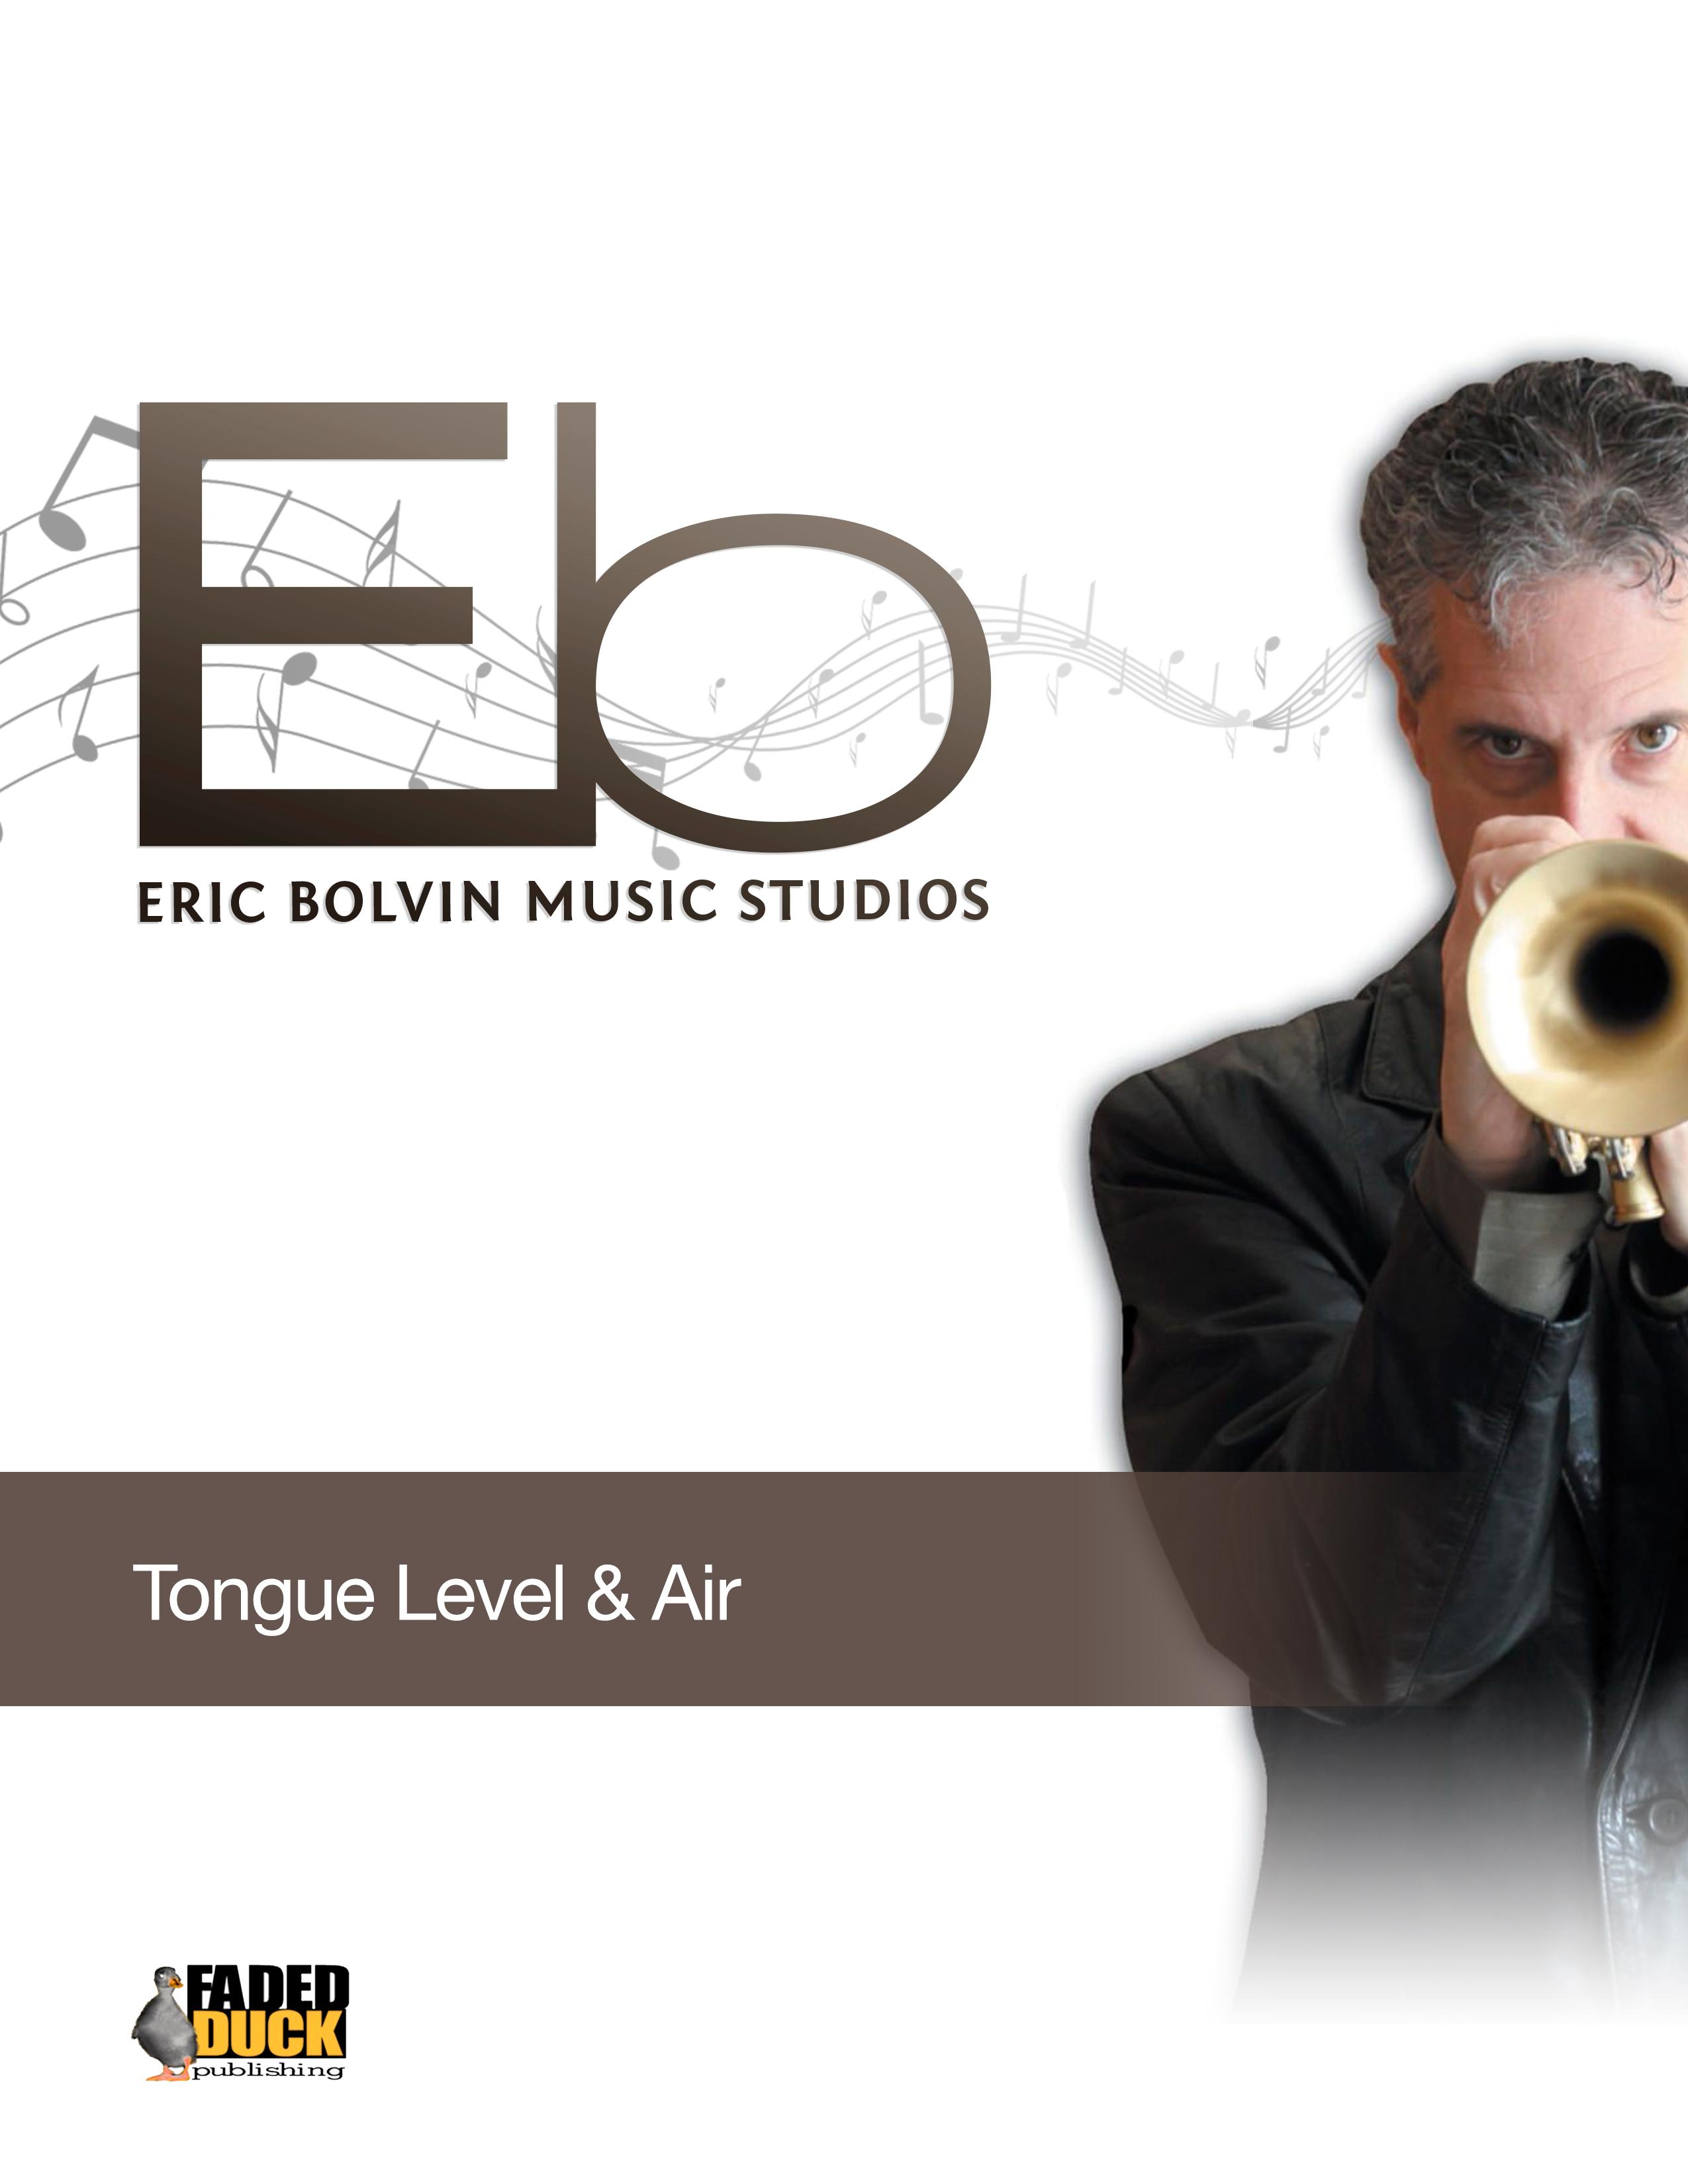 Tongue Level & Air